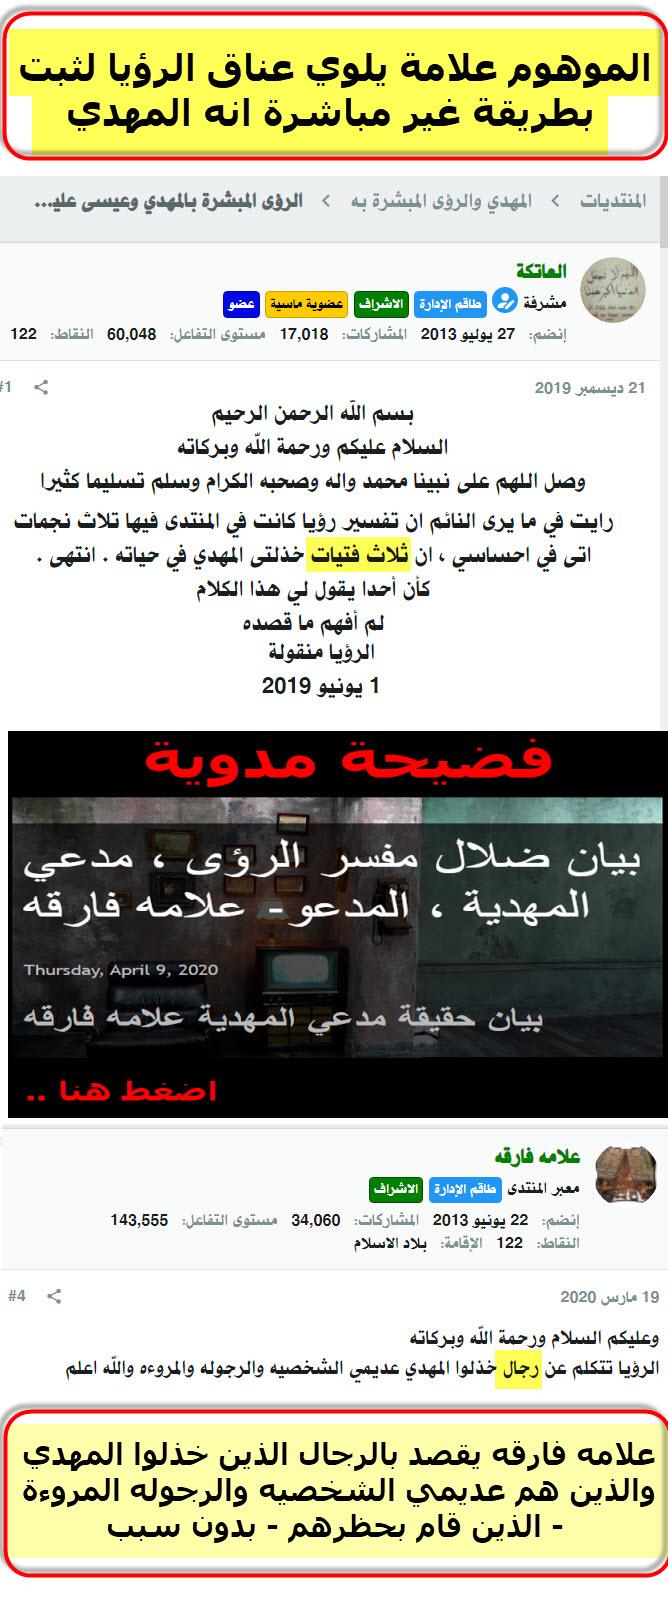 بيان ضلال مفسر الرؤى ، مدعي المهدية ، المدعو- علامه فارقه 11-04-10